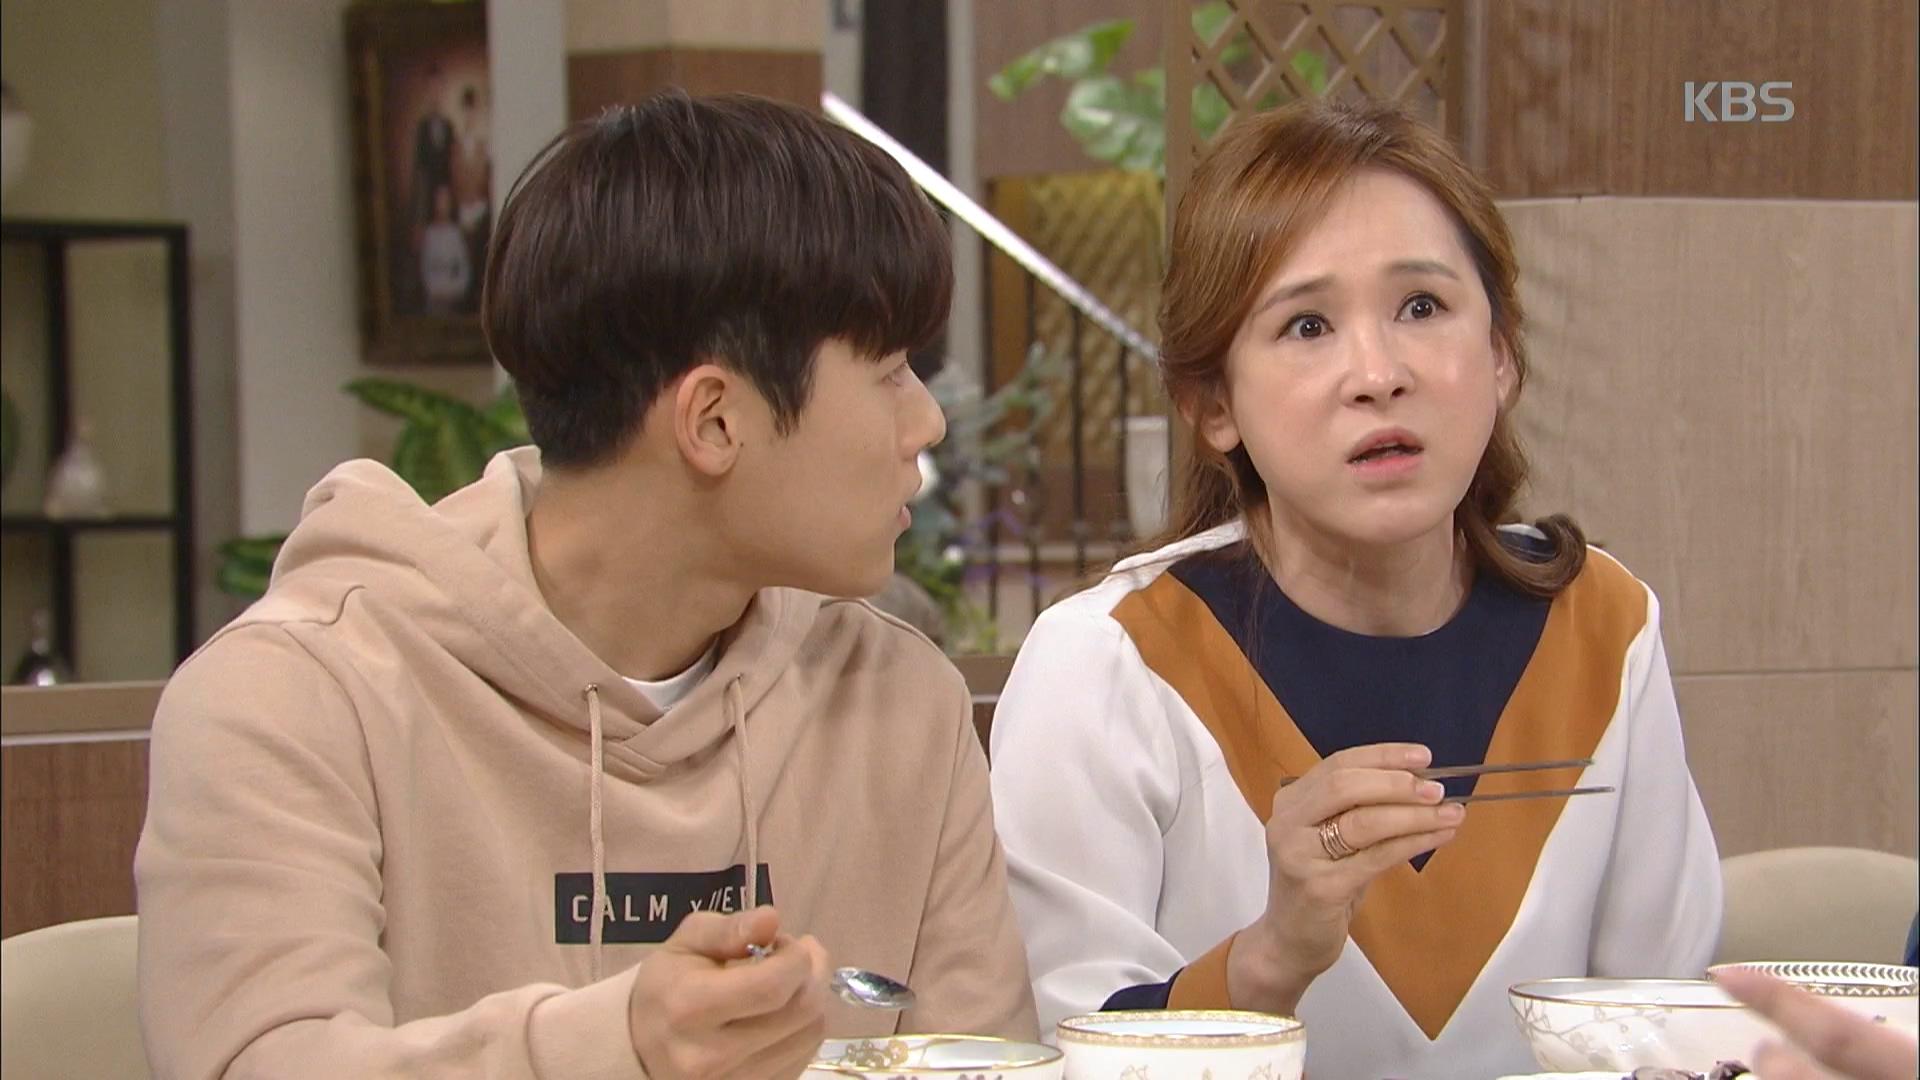 김도연 덕분에 가족들 배슬기 임신 눈치 못 채고 넘어간 식사시간.